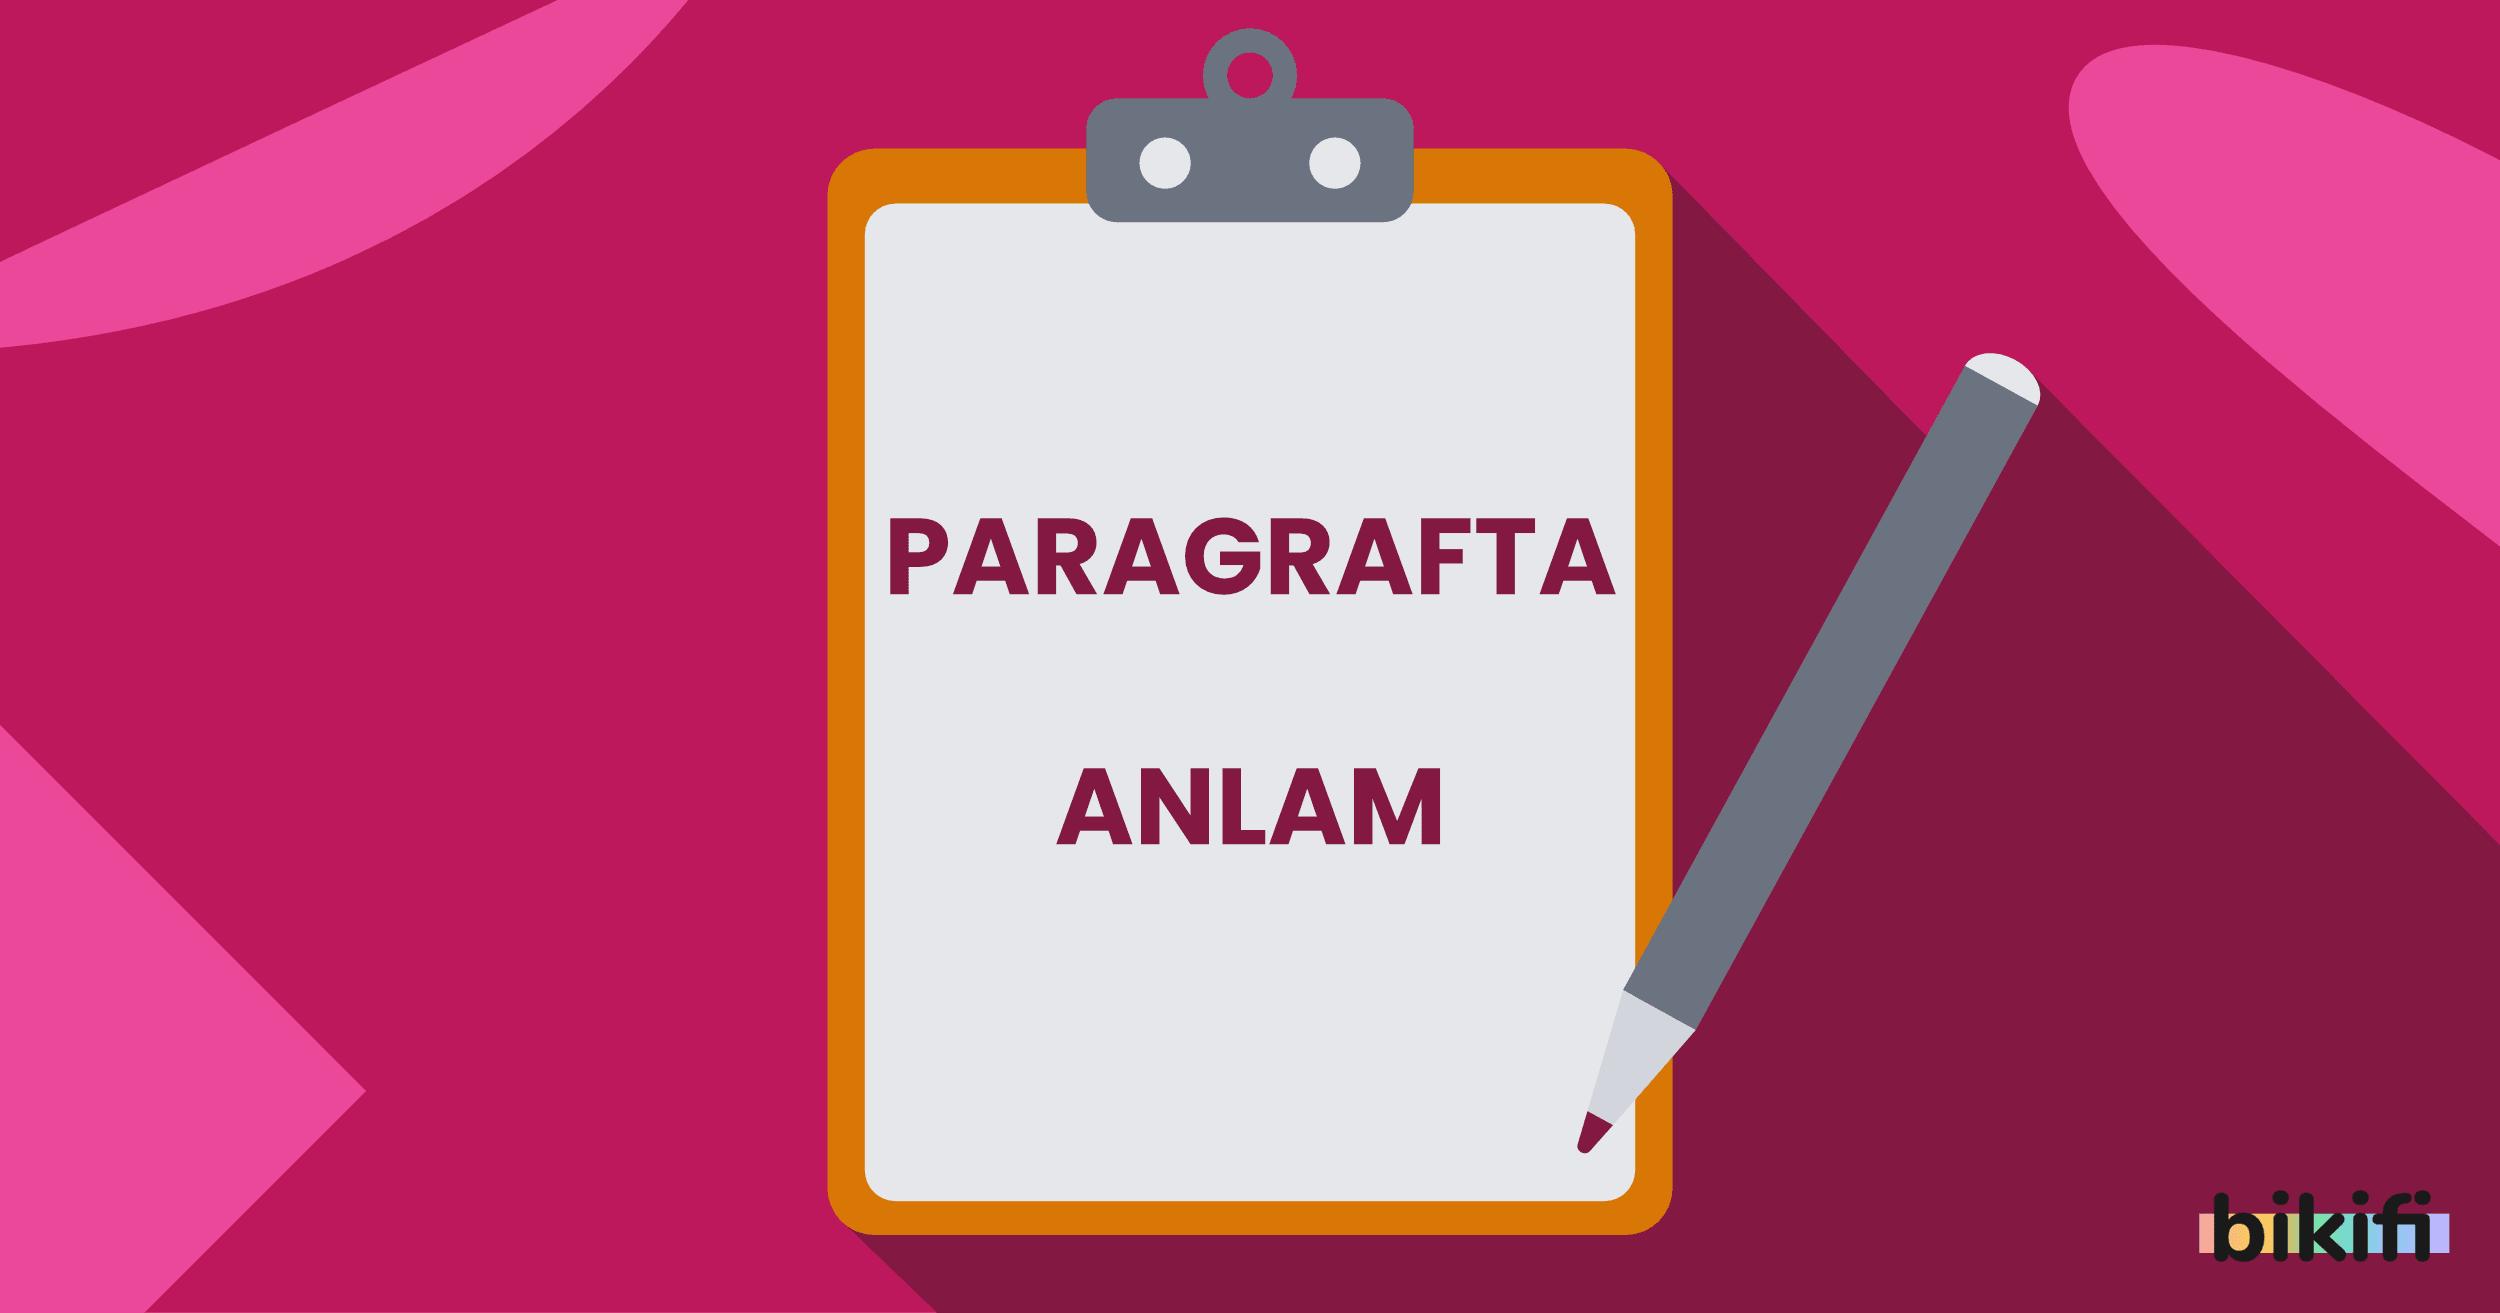 Paragrafta Anlam, Anlatım ve Paragrafın Yapısı